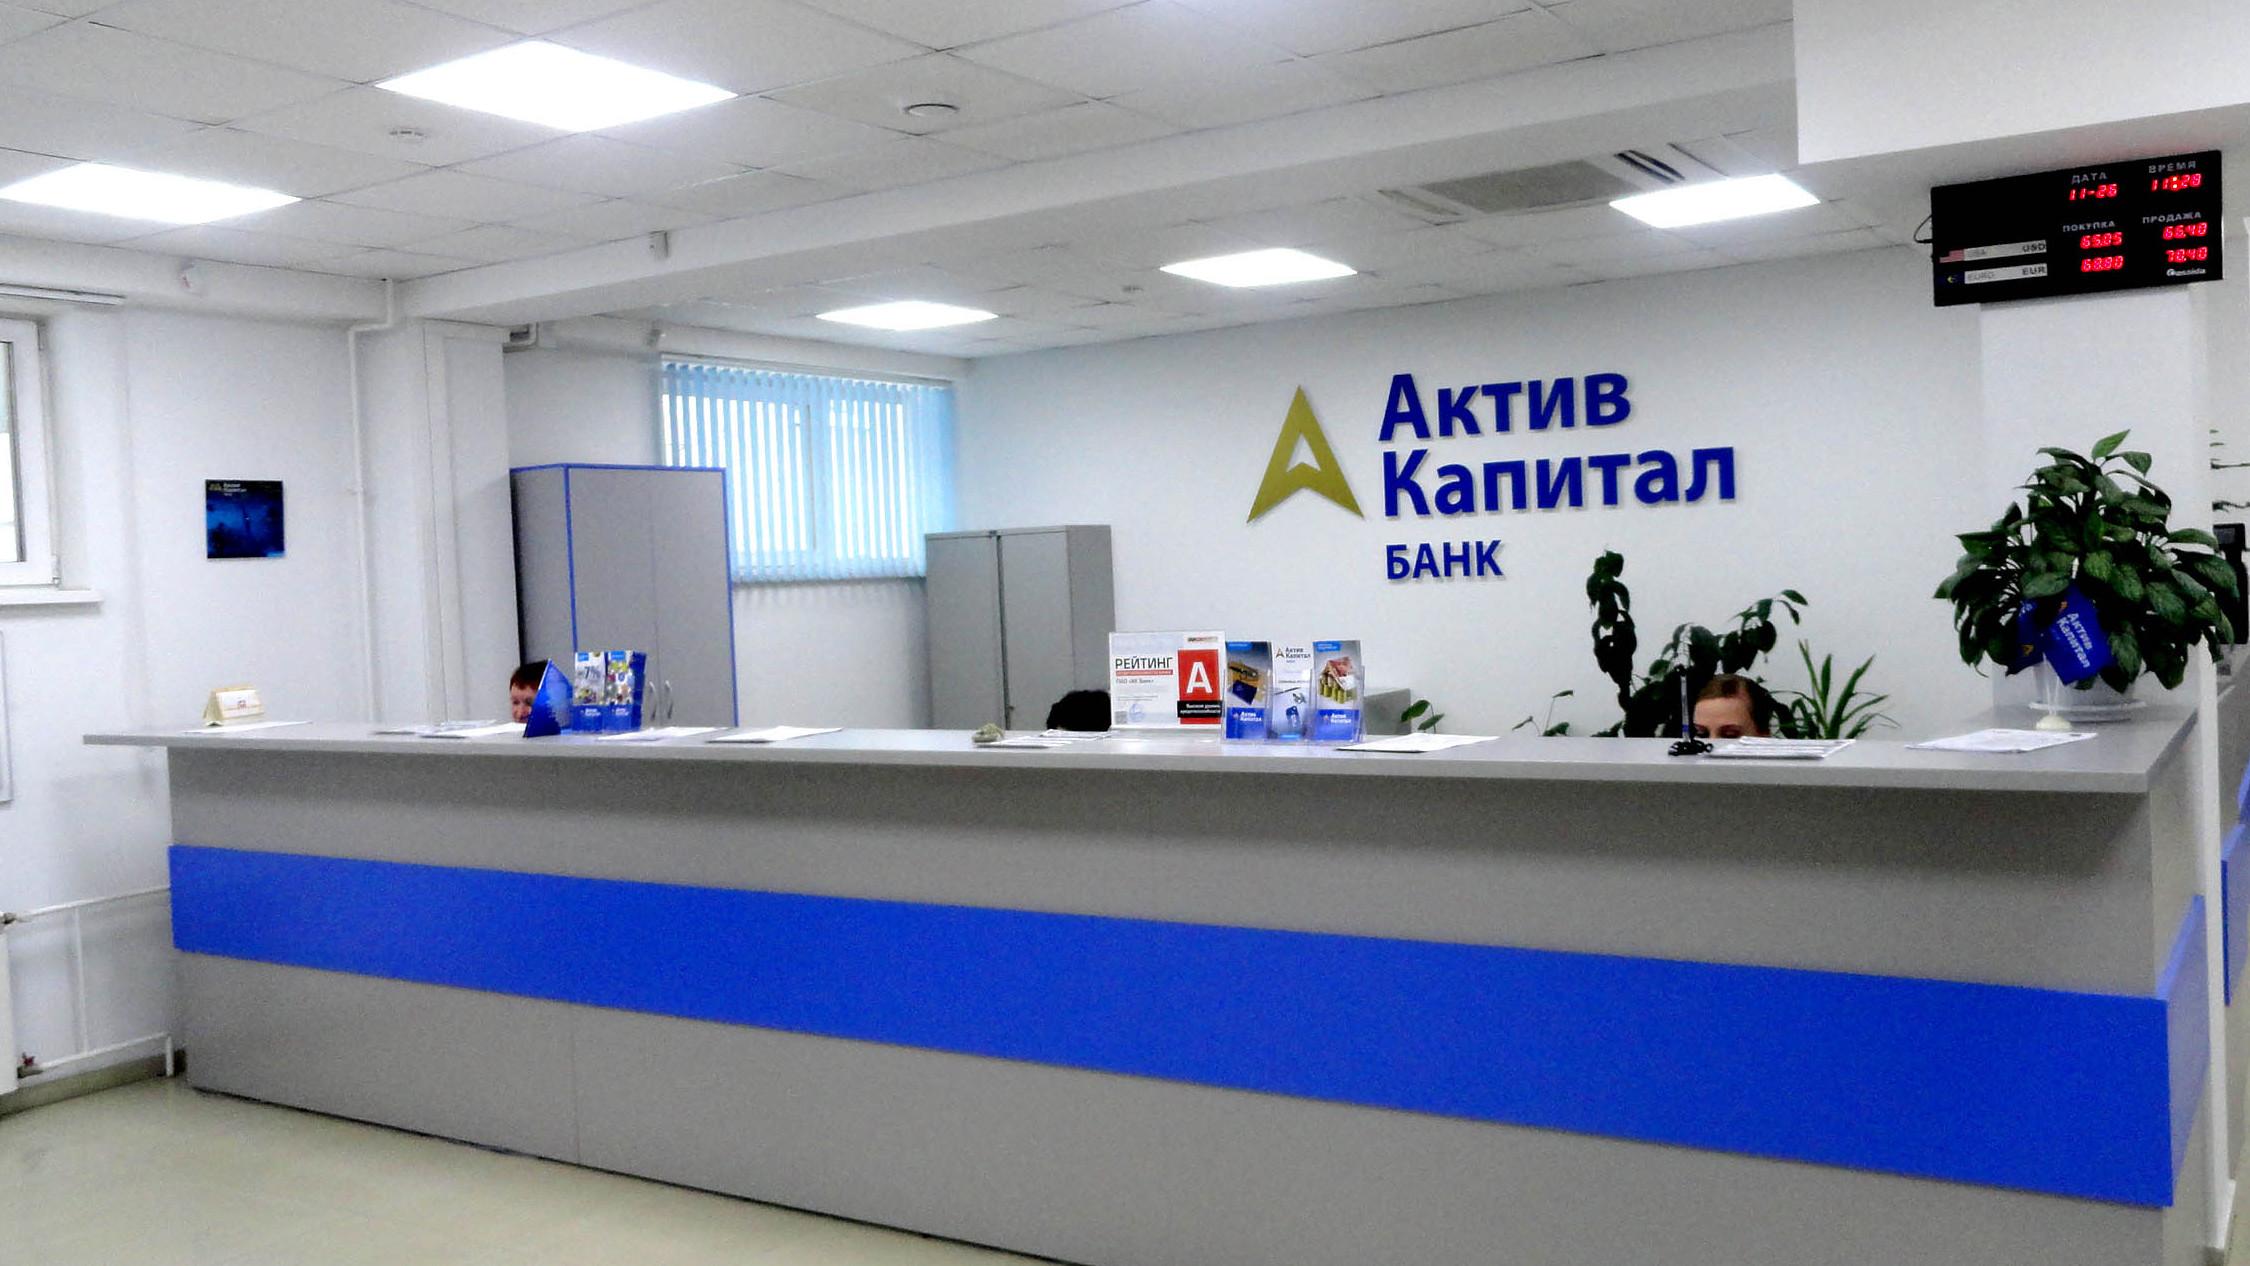 ЦБотозвал лицензию унебанковской кредитной организации «Умут»